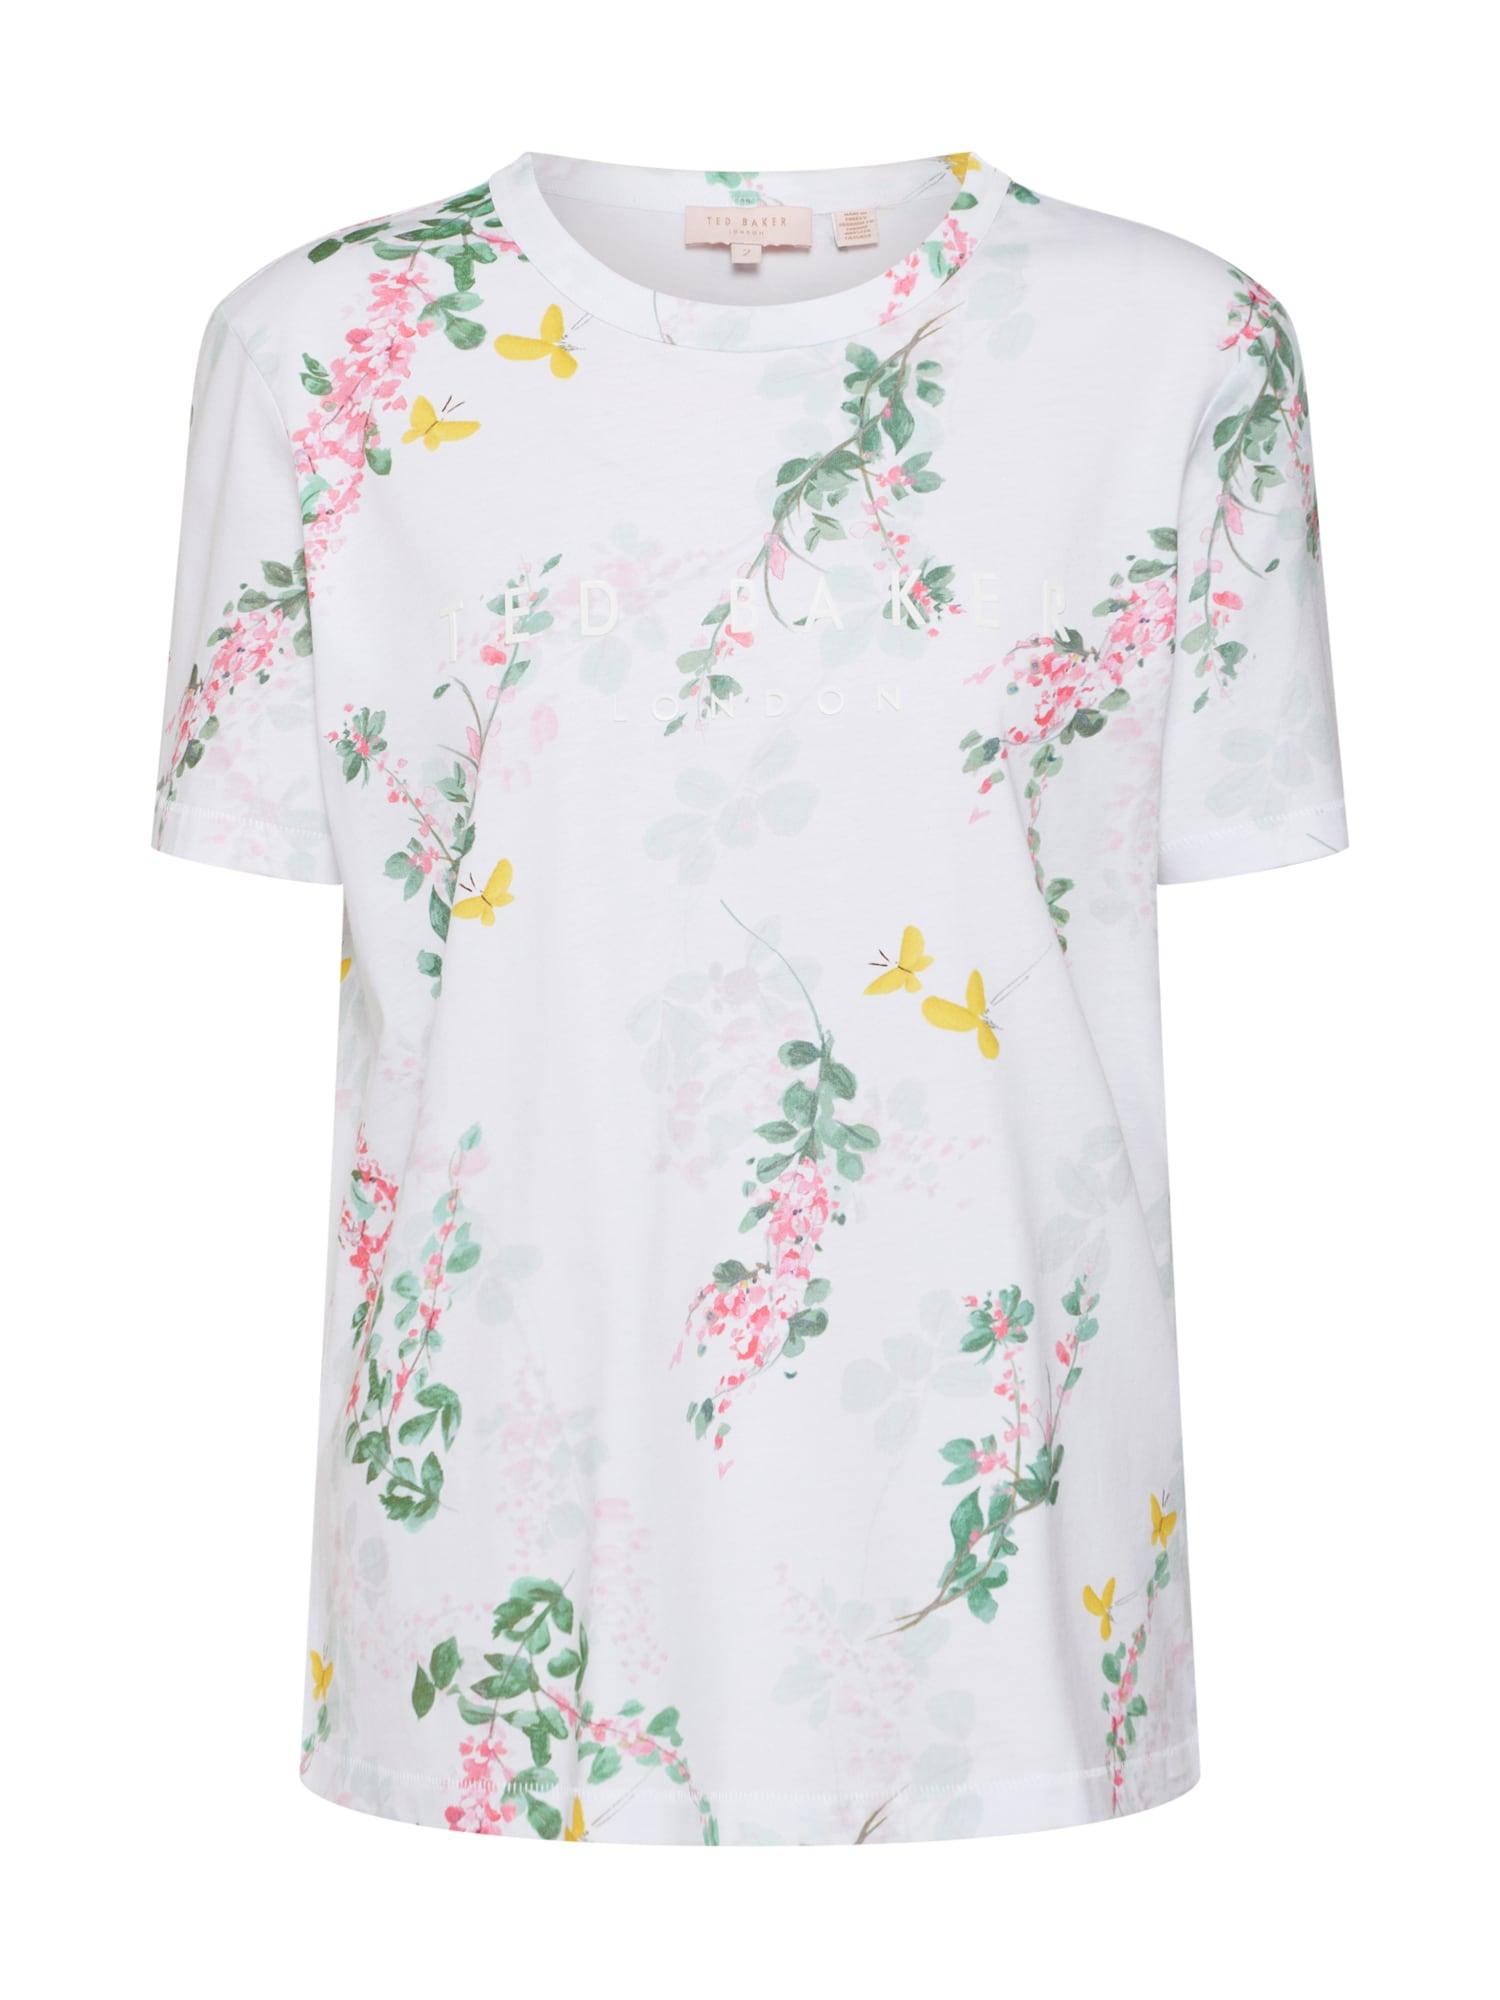 Tričko Malvani zelená růžová bílá Ted Baker